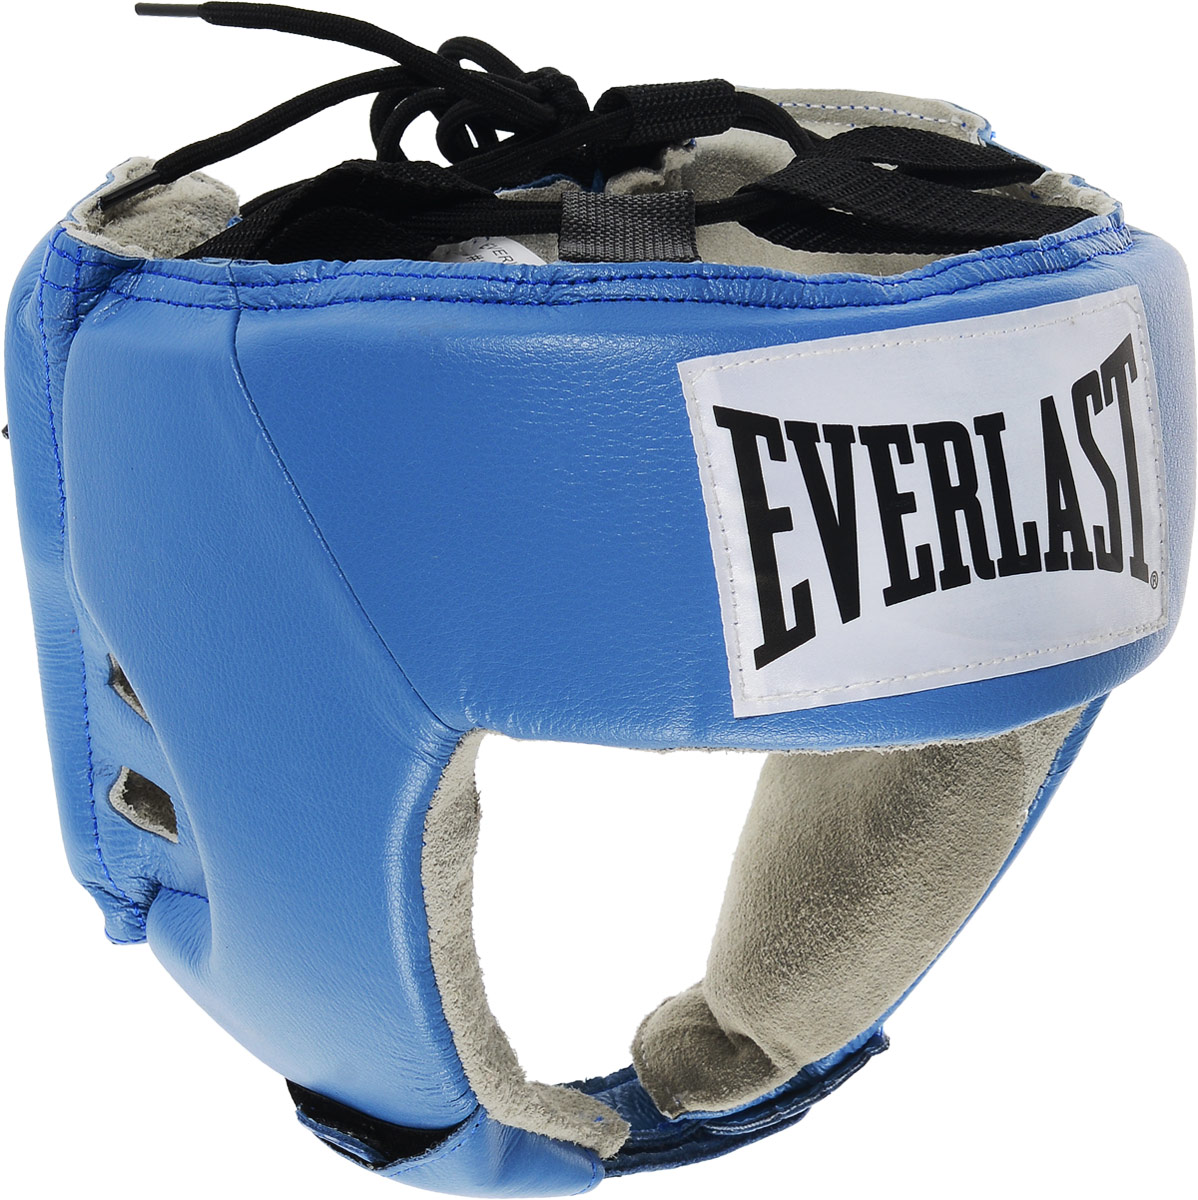 Шлем боксерский Everlast USA Boxing, цвет: синий, белый, черный. Размер XLJE-2783_339684Everlast USA Boxing - боксерский шлем, разработанный для выступления на любительских соревнованиях и одобренный ассоциацией USA Boxing. Плотный четырехслойный пенный наполнитель превосходно амортизирует удары и значительно снижает риск травмы. Качественная натуральная кожа (снаружи) и не менее качественная замша (внутри) обеспечивают значительный запас прочности и отличную износоустойчивость. Подгонка под необходимый размер и фиксация на голове происходят за счет затягивающихся шнурков.Если вы еще ищите шлем для предстоящих соревнований, то Everlast USA Boxing - это ваш выбор!Диаметр головы: 18 см.